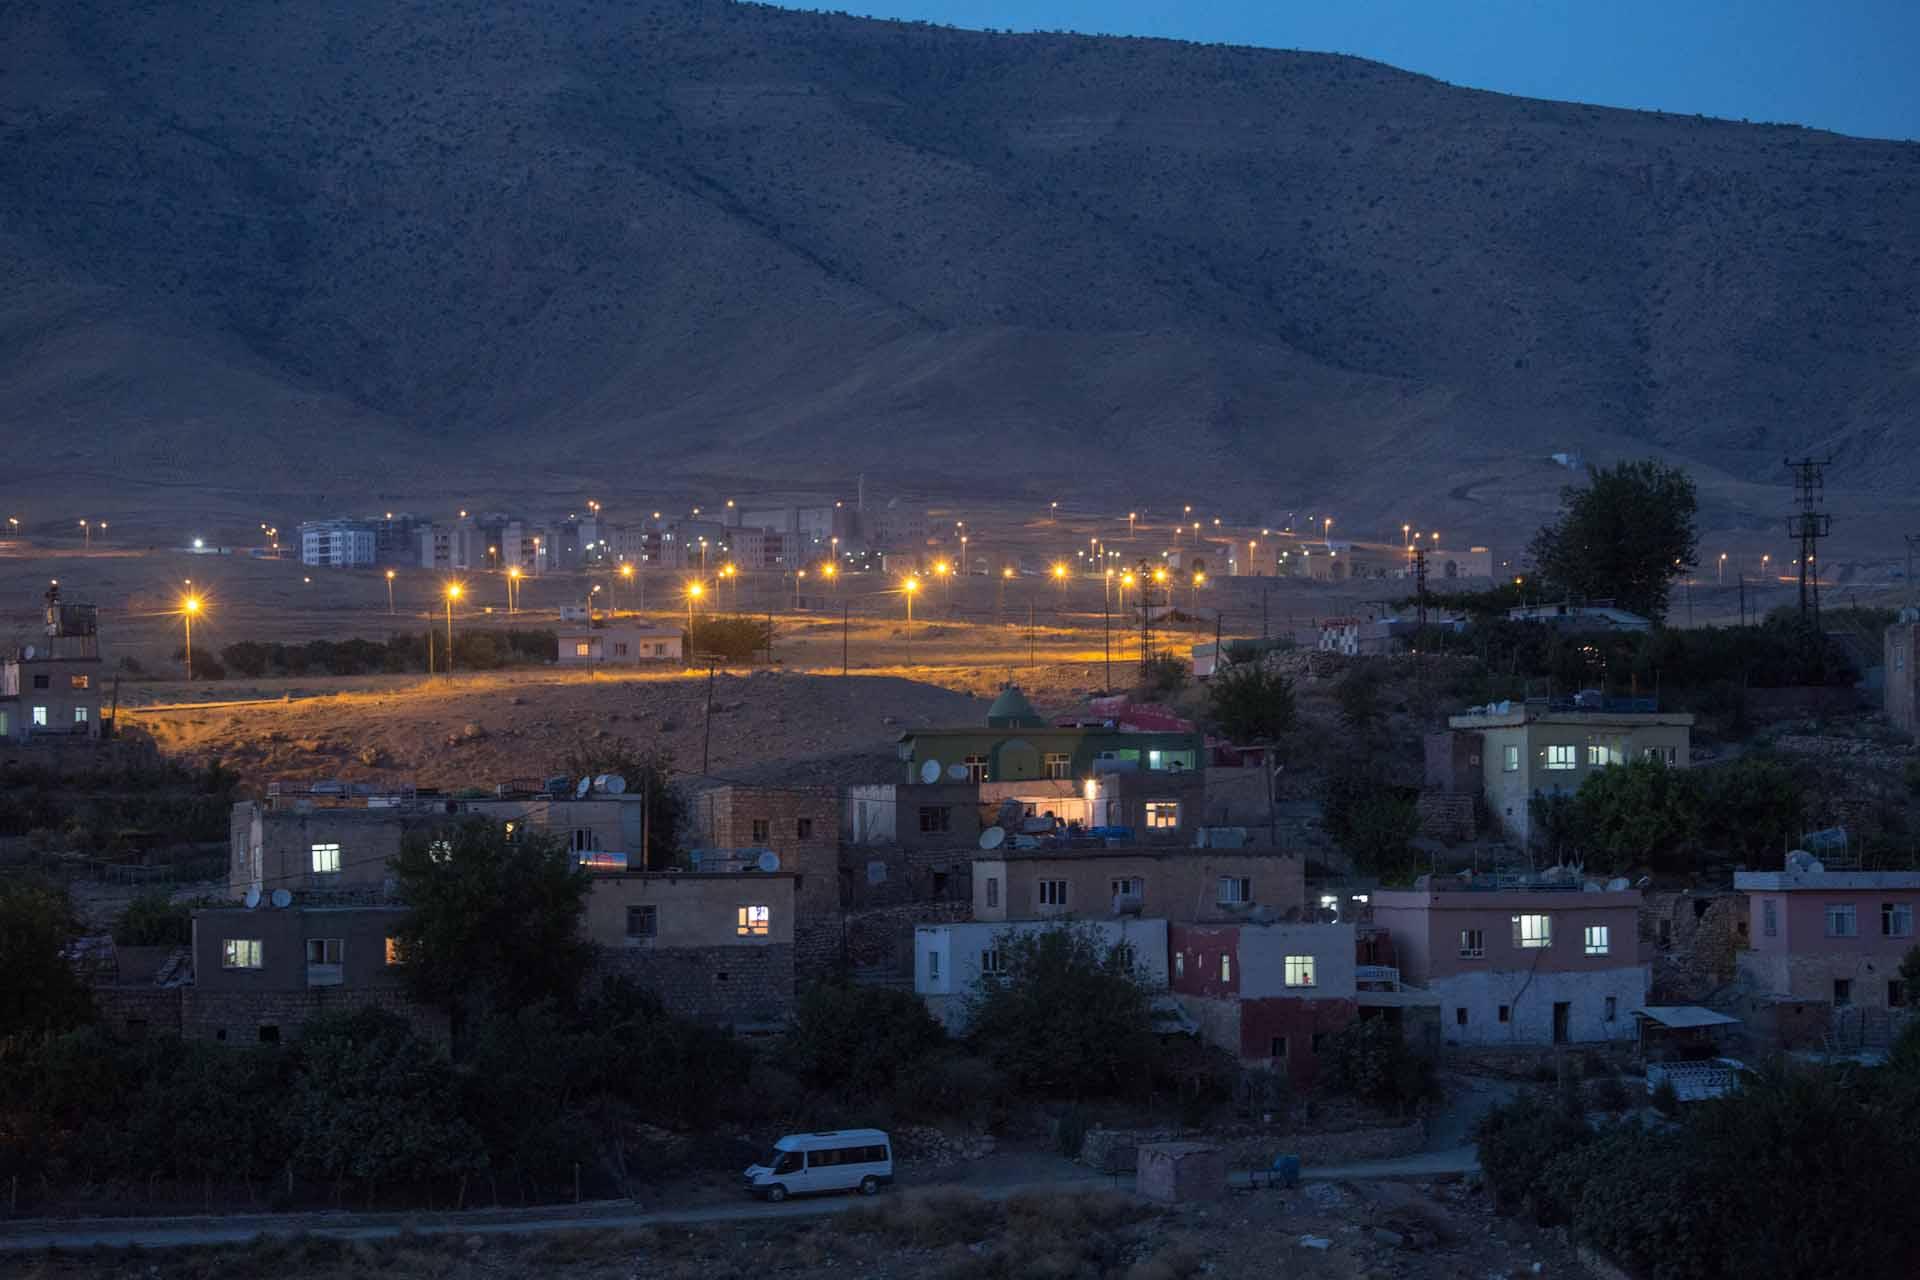 Am Berghang, hinter den abendlich beleuchteten Häusern des Ortes, das neue erbaut Yeni-Hasankeyf, Neu-Hasankeyf.